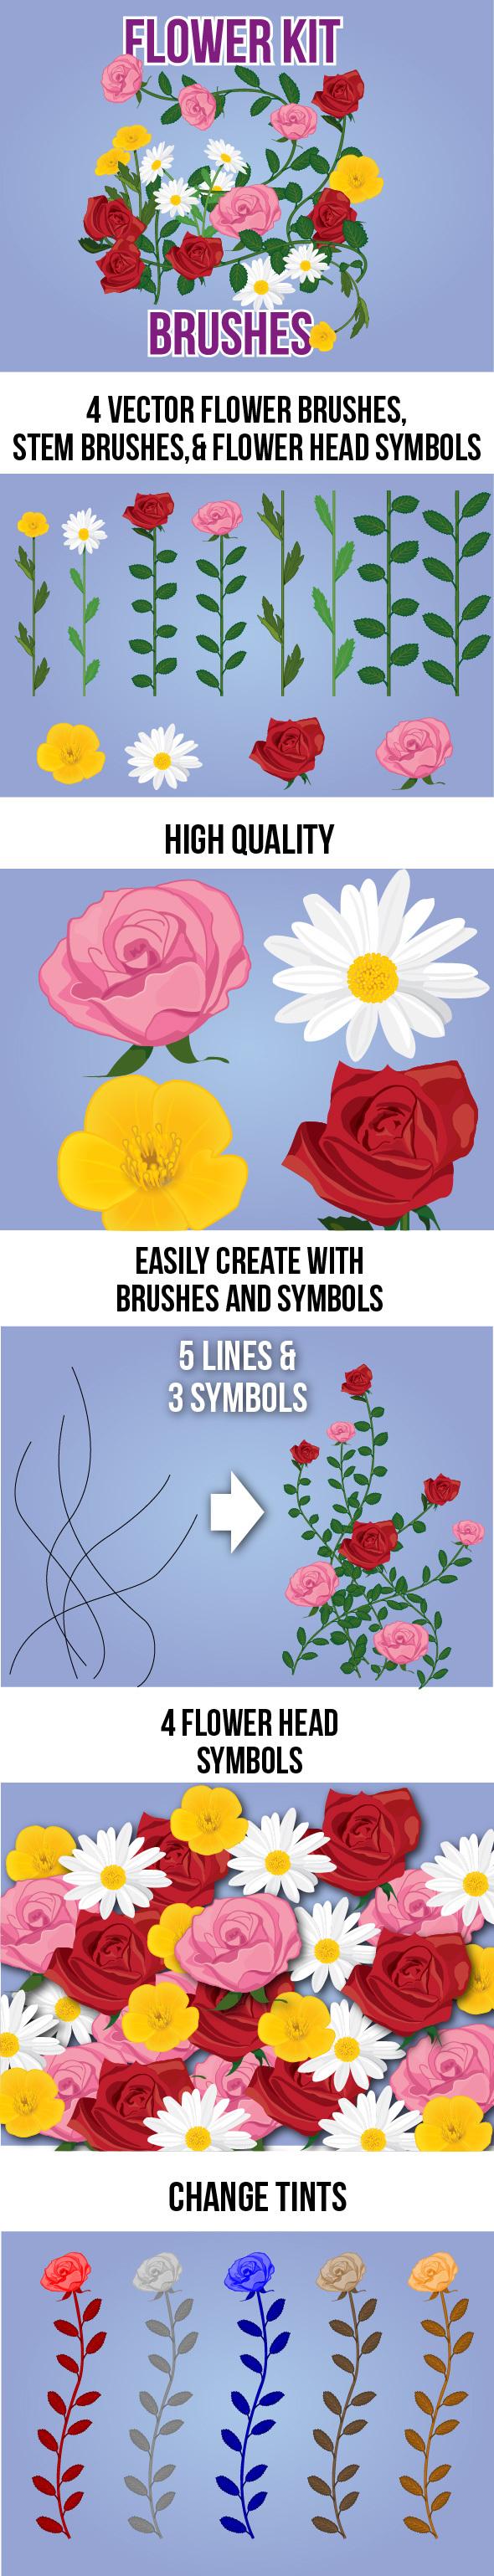 Flower Kit Brushes - Miscellaneous Brushes